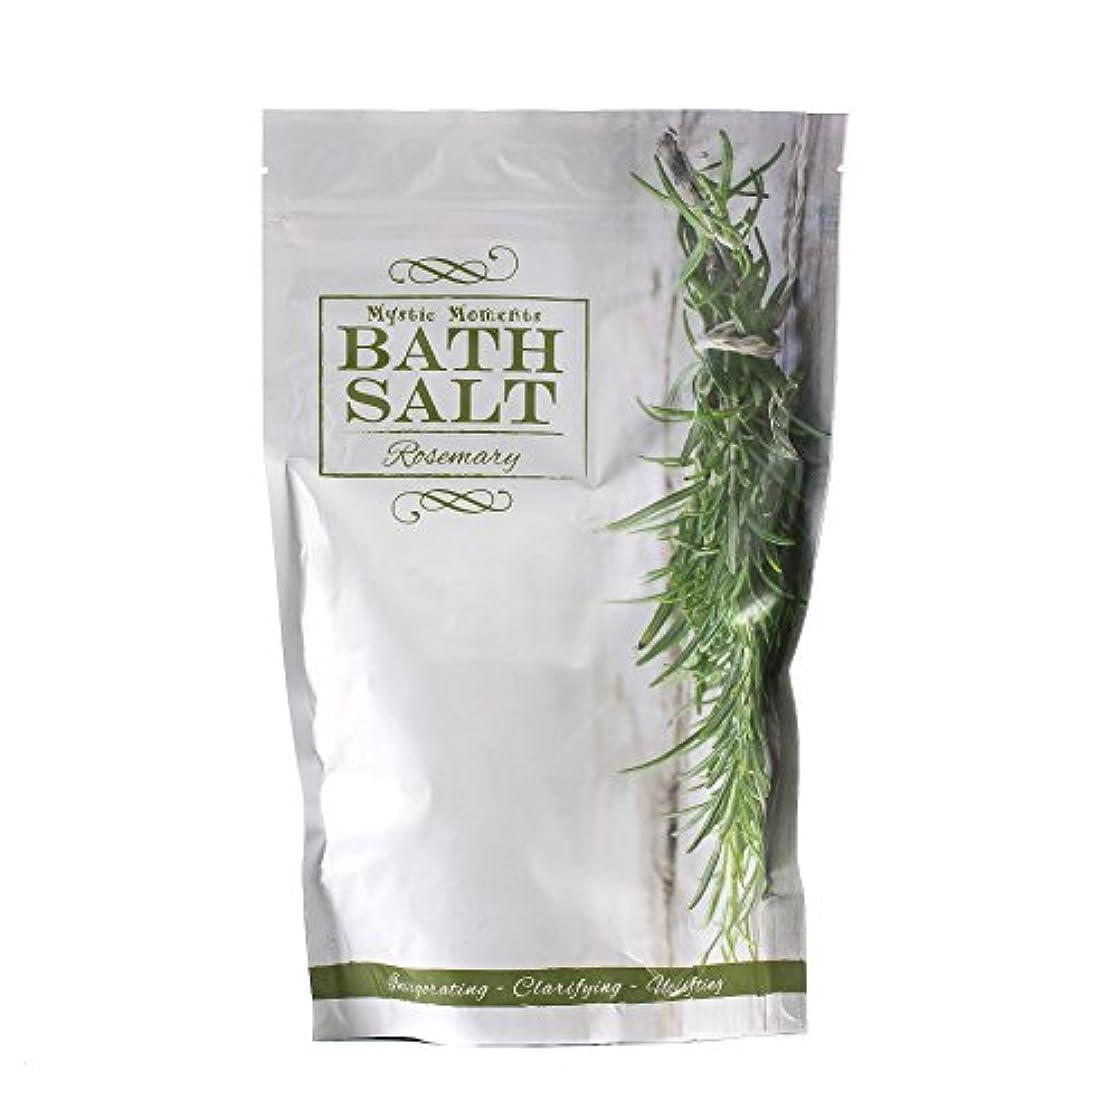 目に見える奇跡的な人Bath Salt - Rosemary - 1Kg